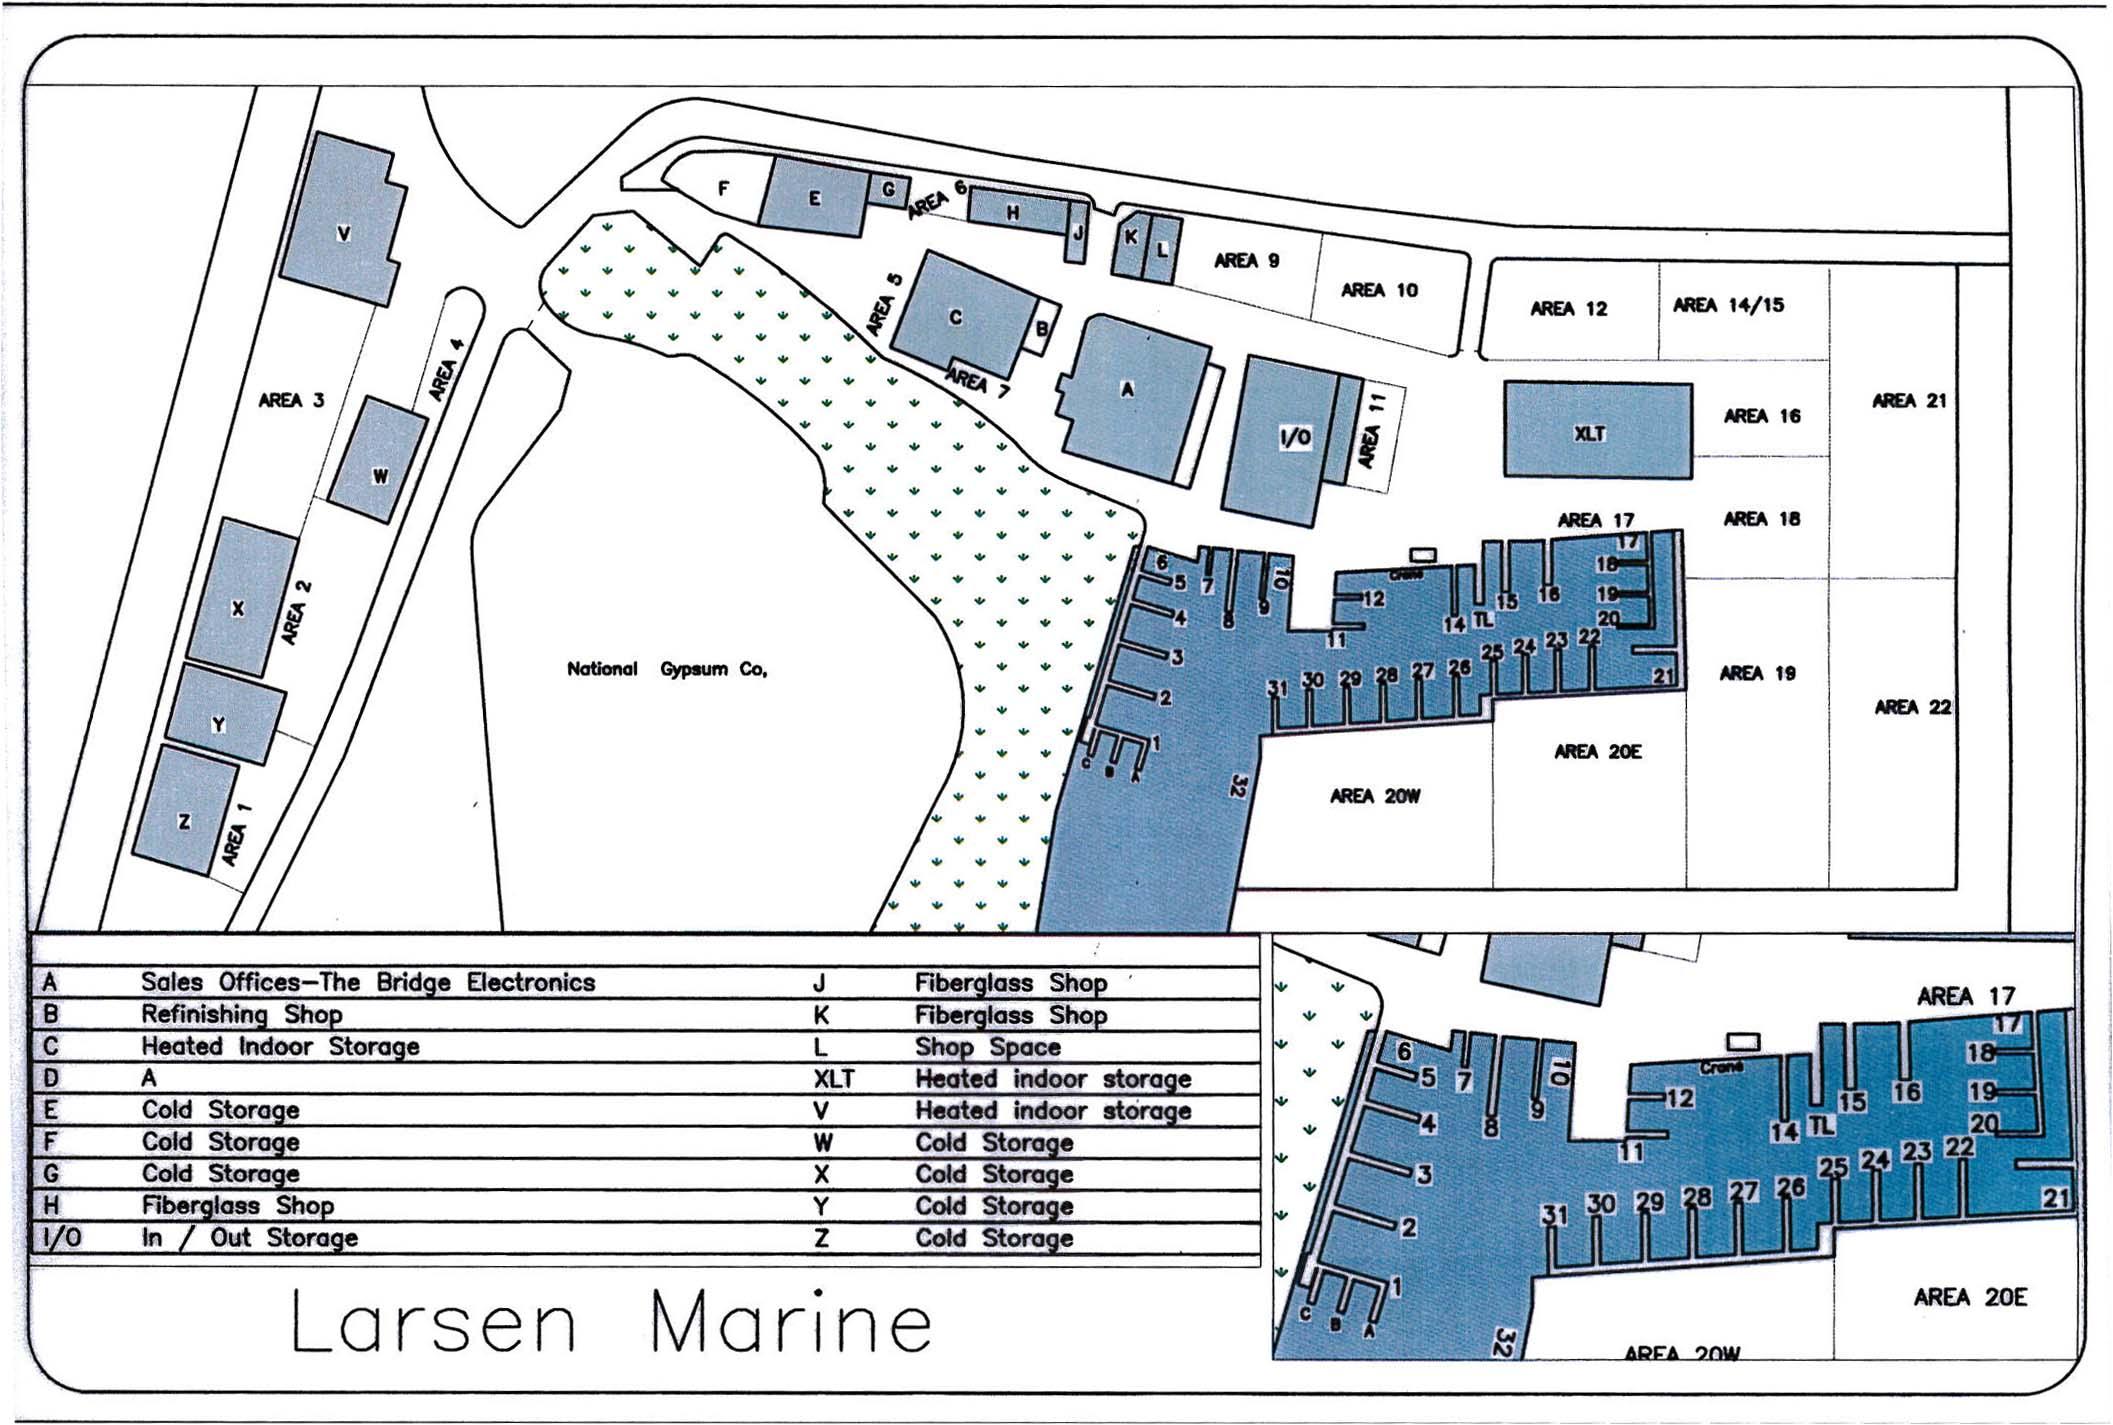 Larsen Marine Yard Map 9 2019